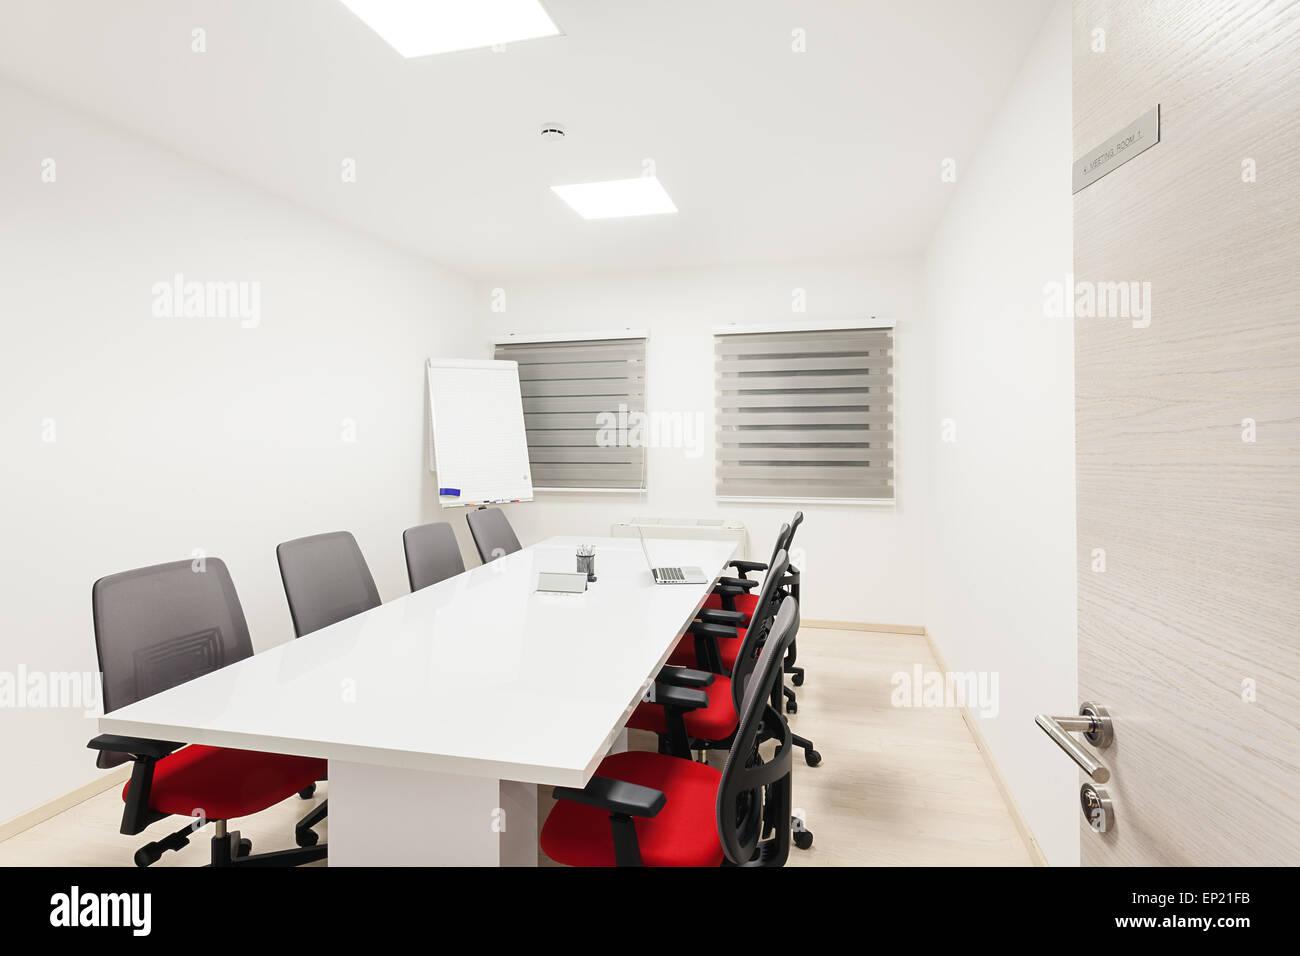 Détails d'une salle de réunion moderne en blanc. Banque D'Images